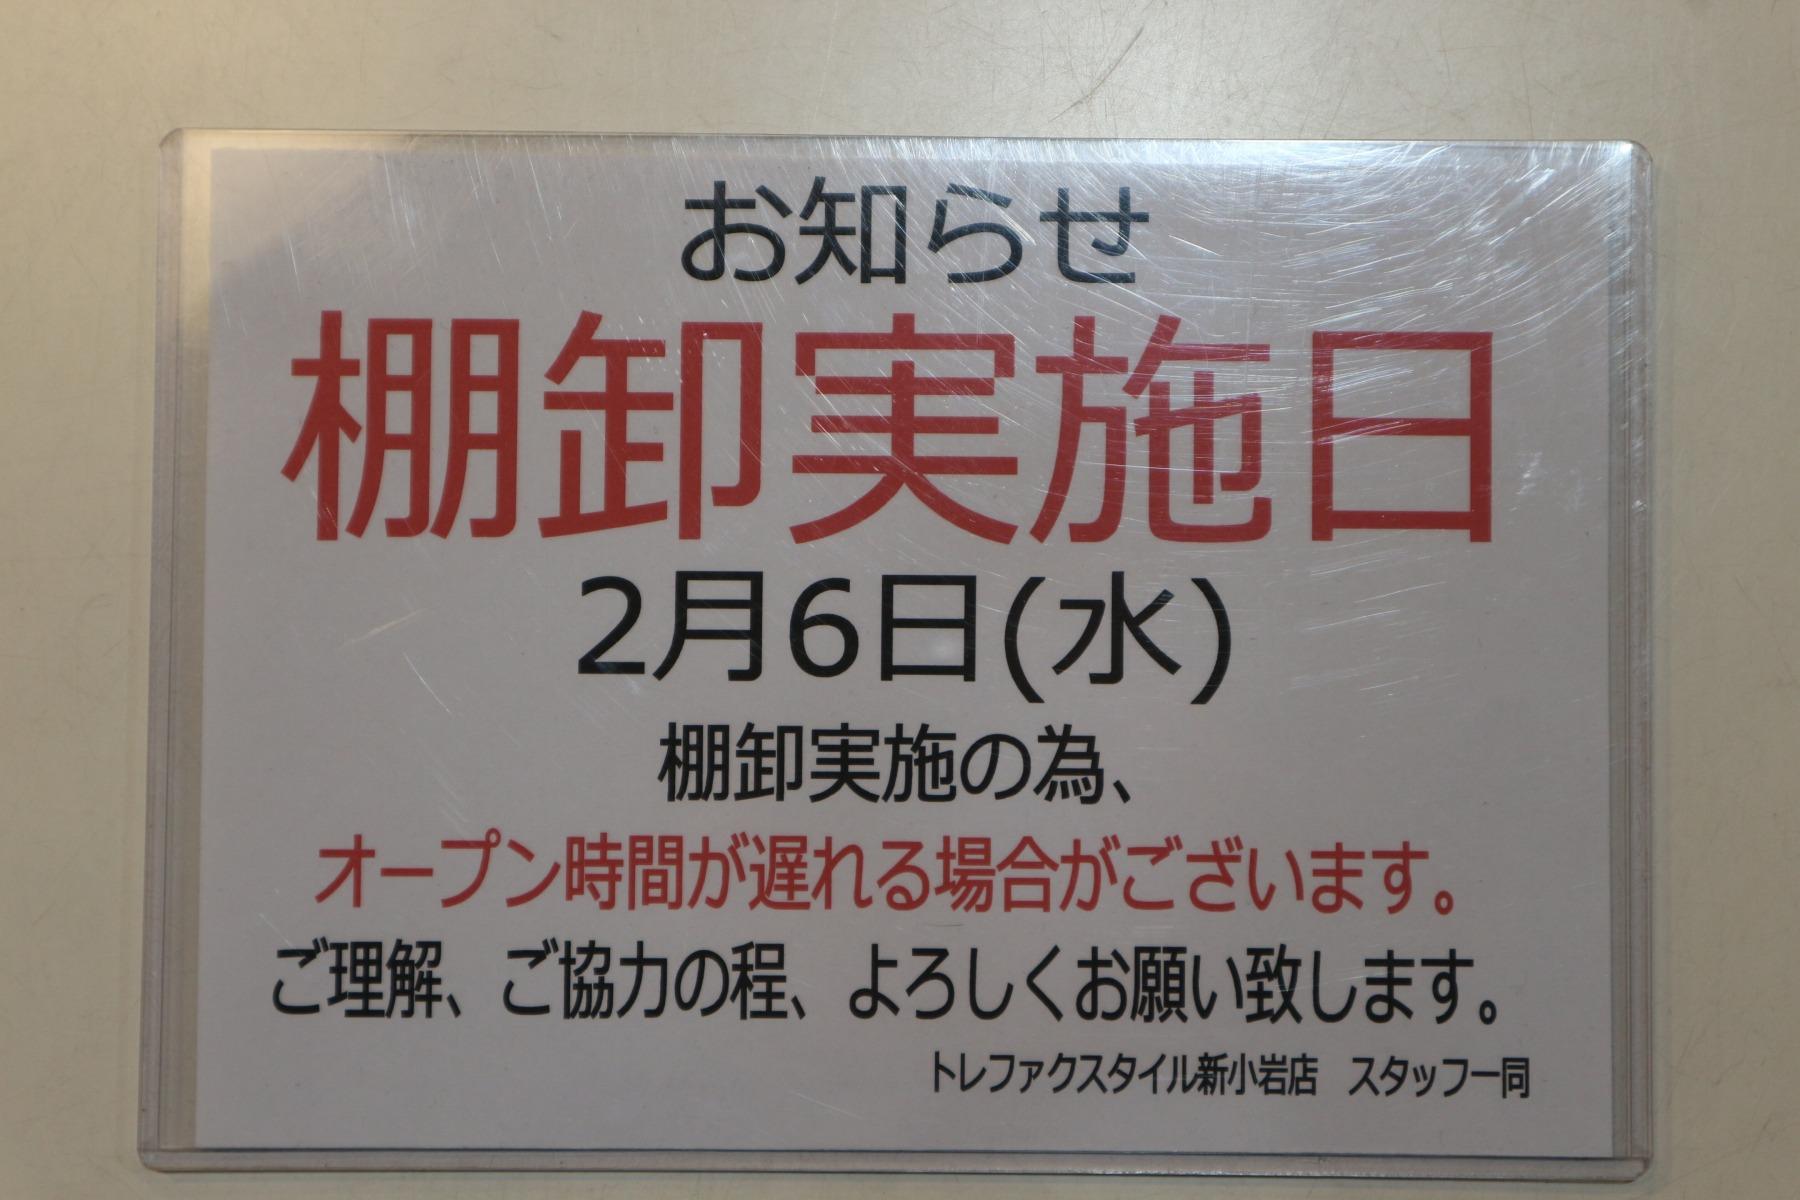 「トレファクスタイル新小岩店ブログ」